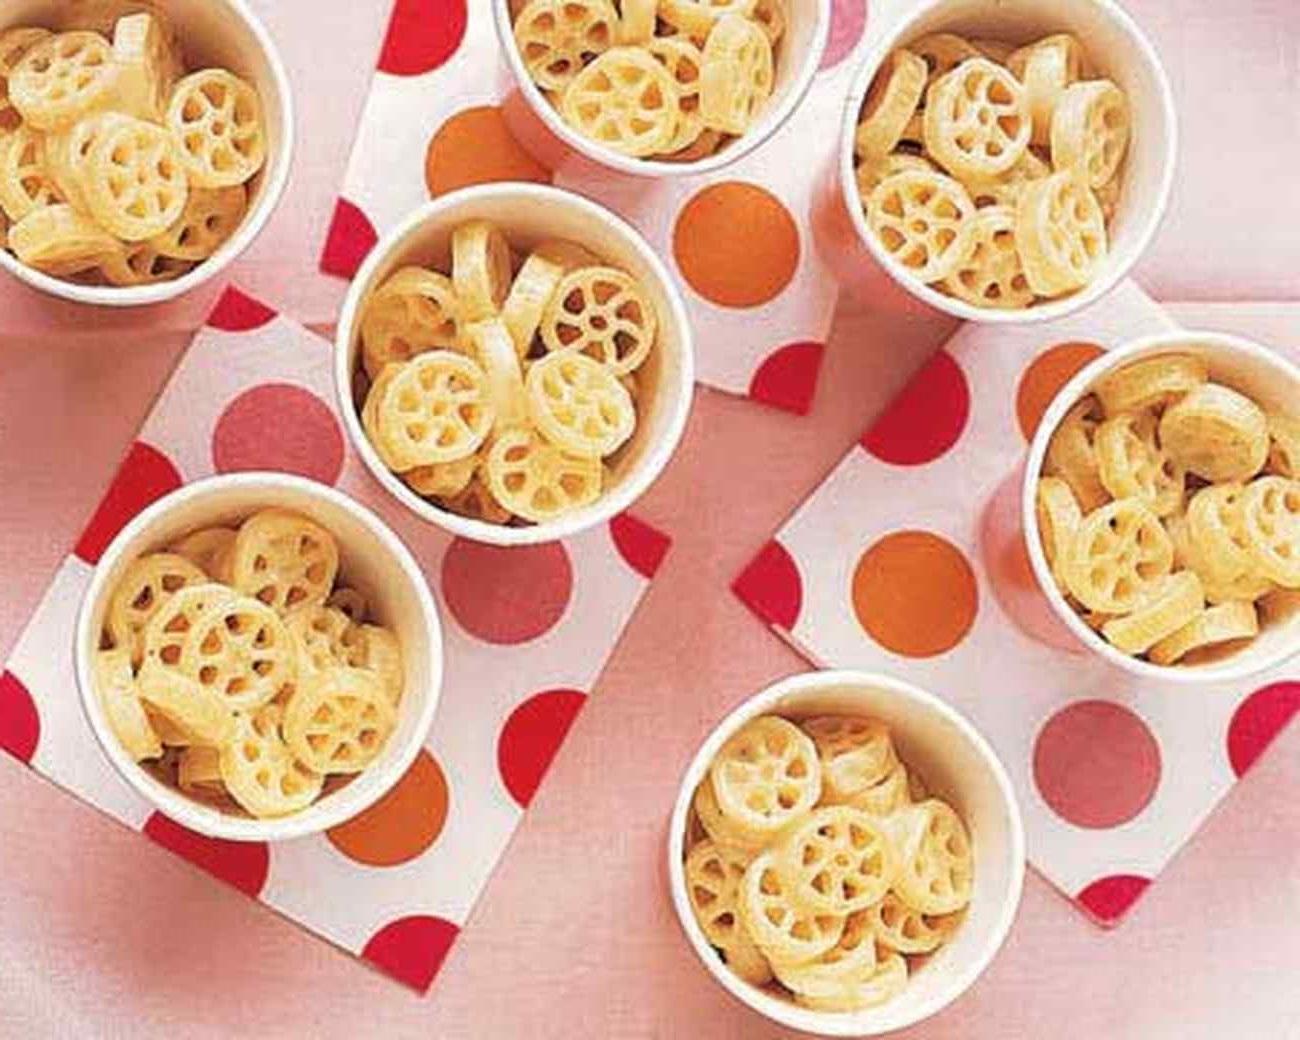 طرز تهیه پاستا چرخی و پنیر یک غذای خوشمزه و کم کالری